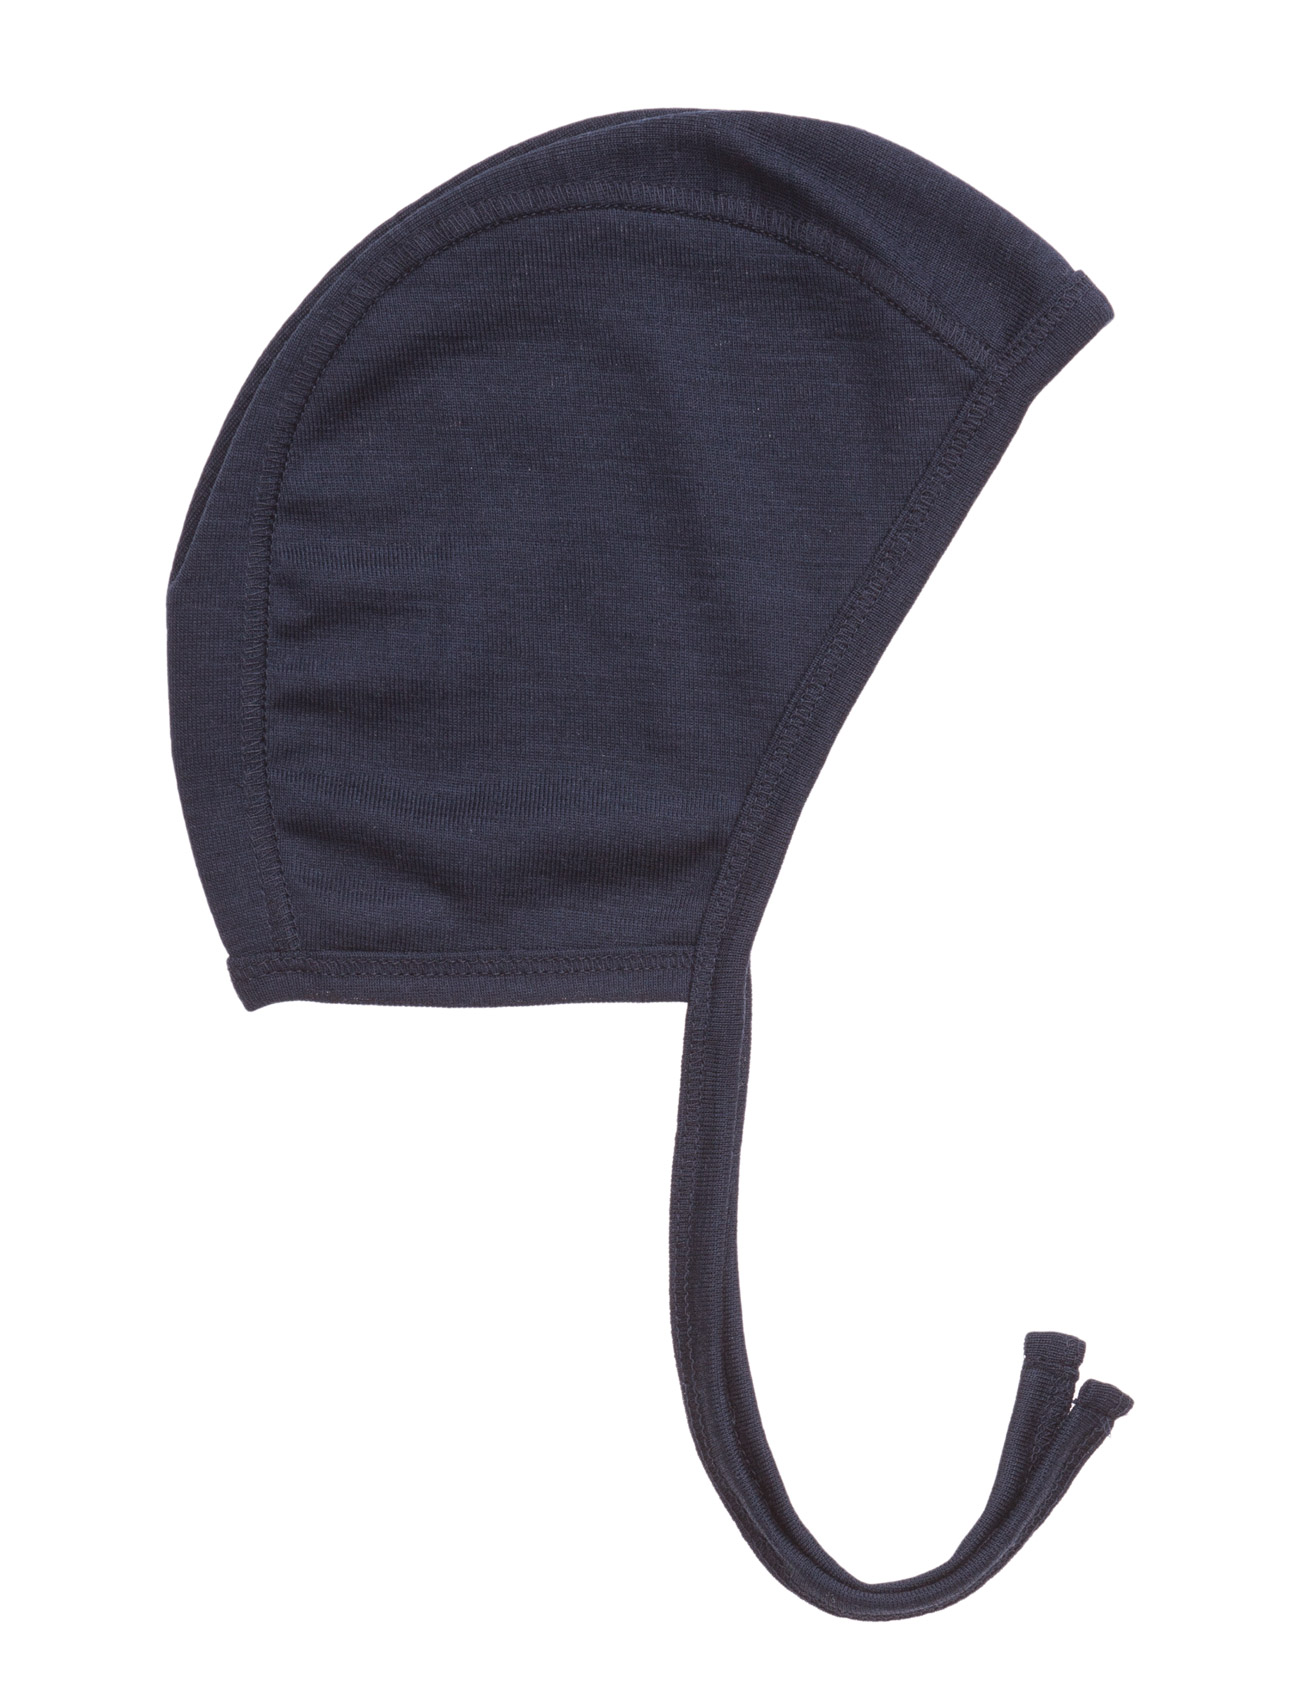 Woolly Hat Baby MŸsli by Green Cotton Hatte & Caps til Børn i Fløde